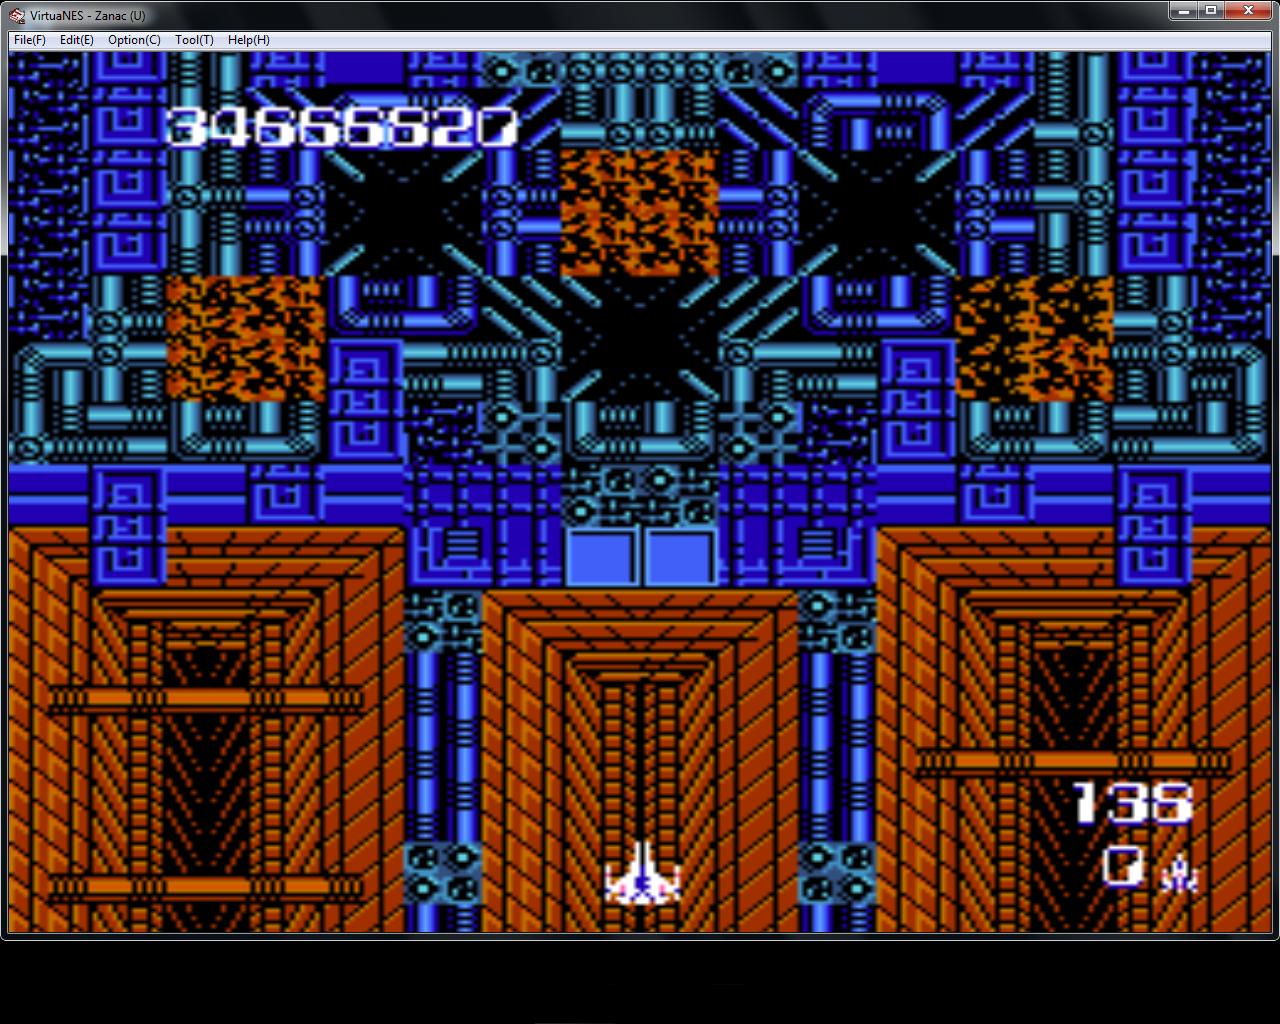 bubufubu: Zanac (NES/Famicom Emulated) 34,666,820 points on 2015-08-13 18:14:52